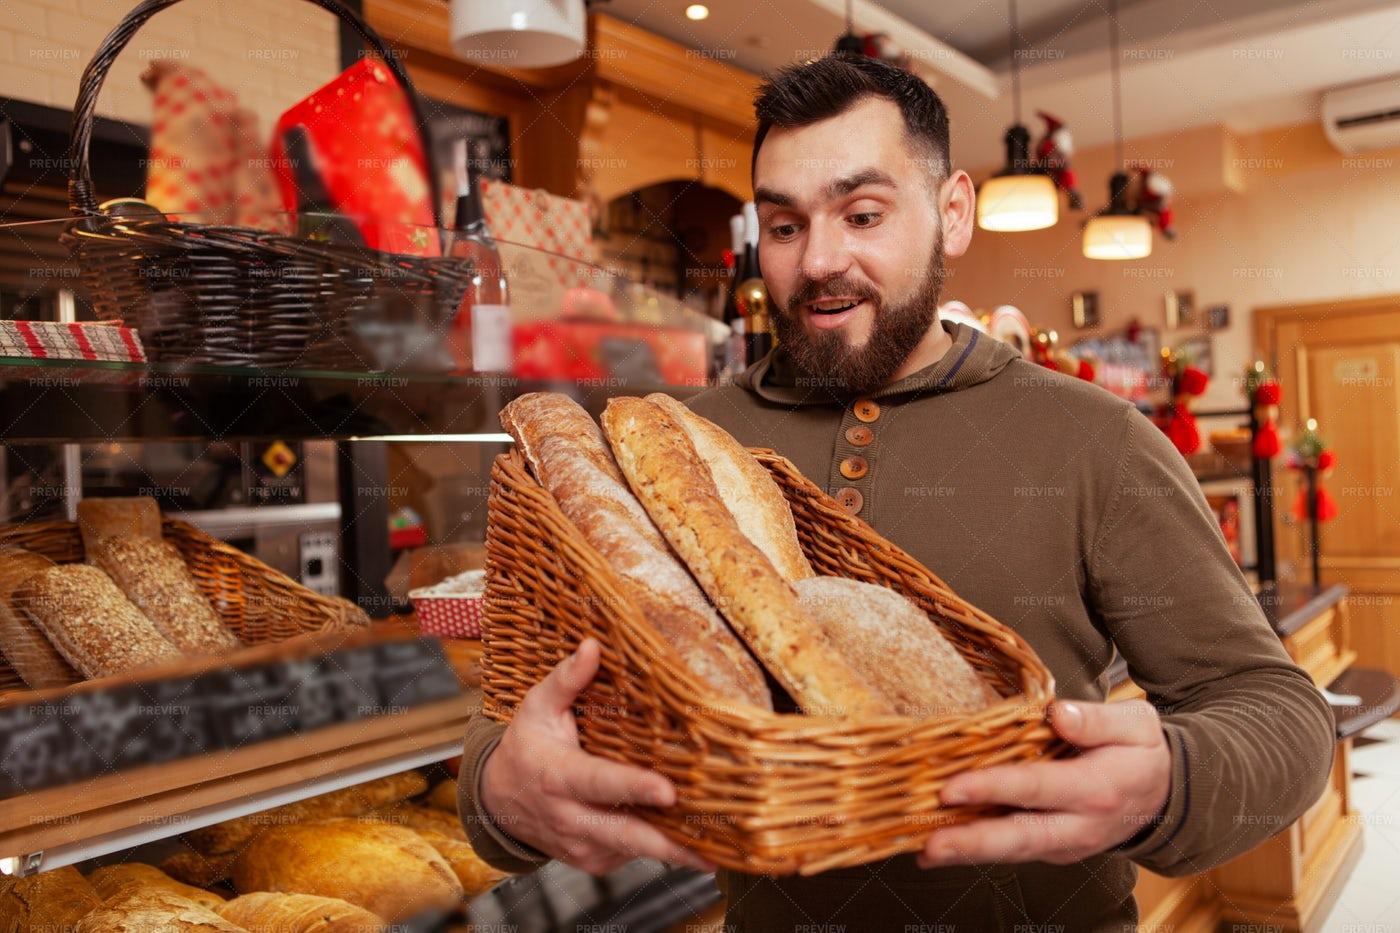 Young Man Shopping Bread: Stock Photos